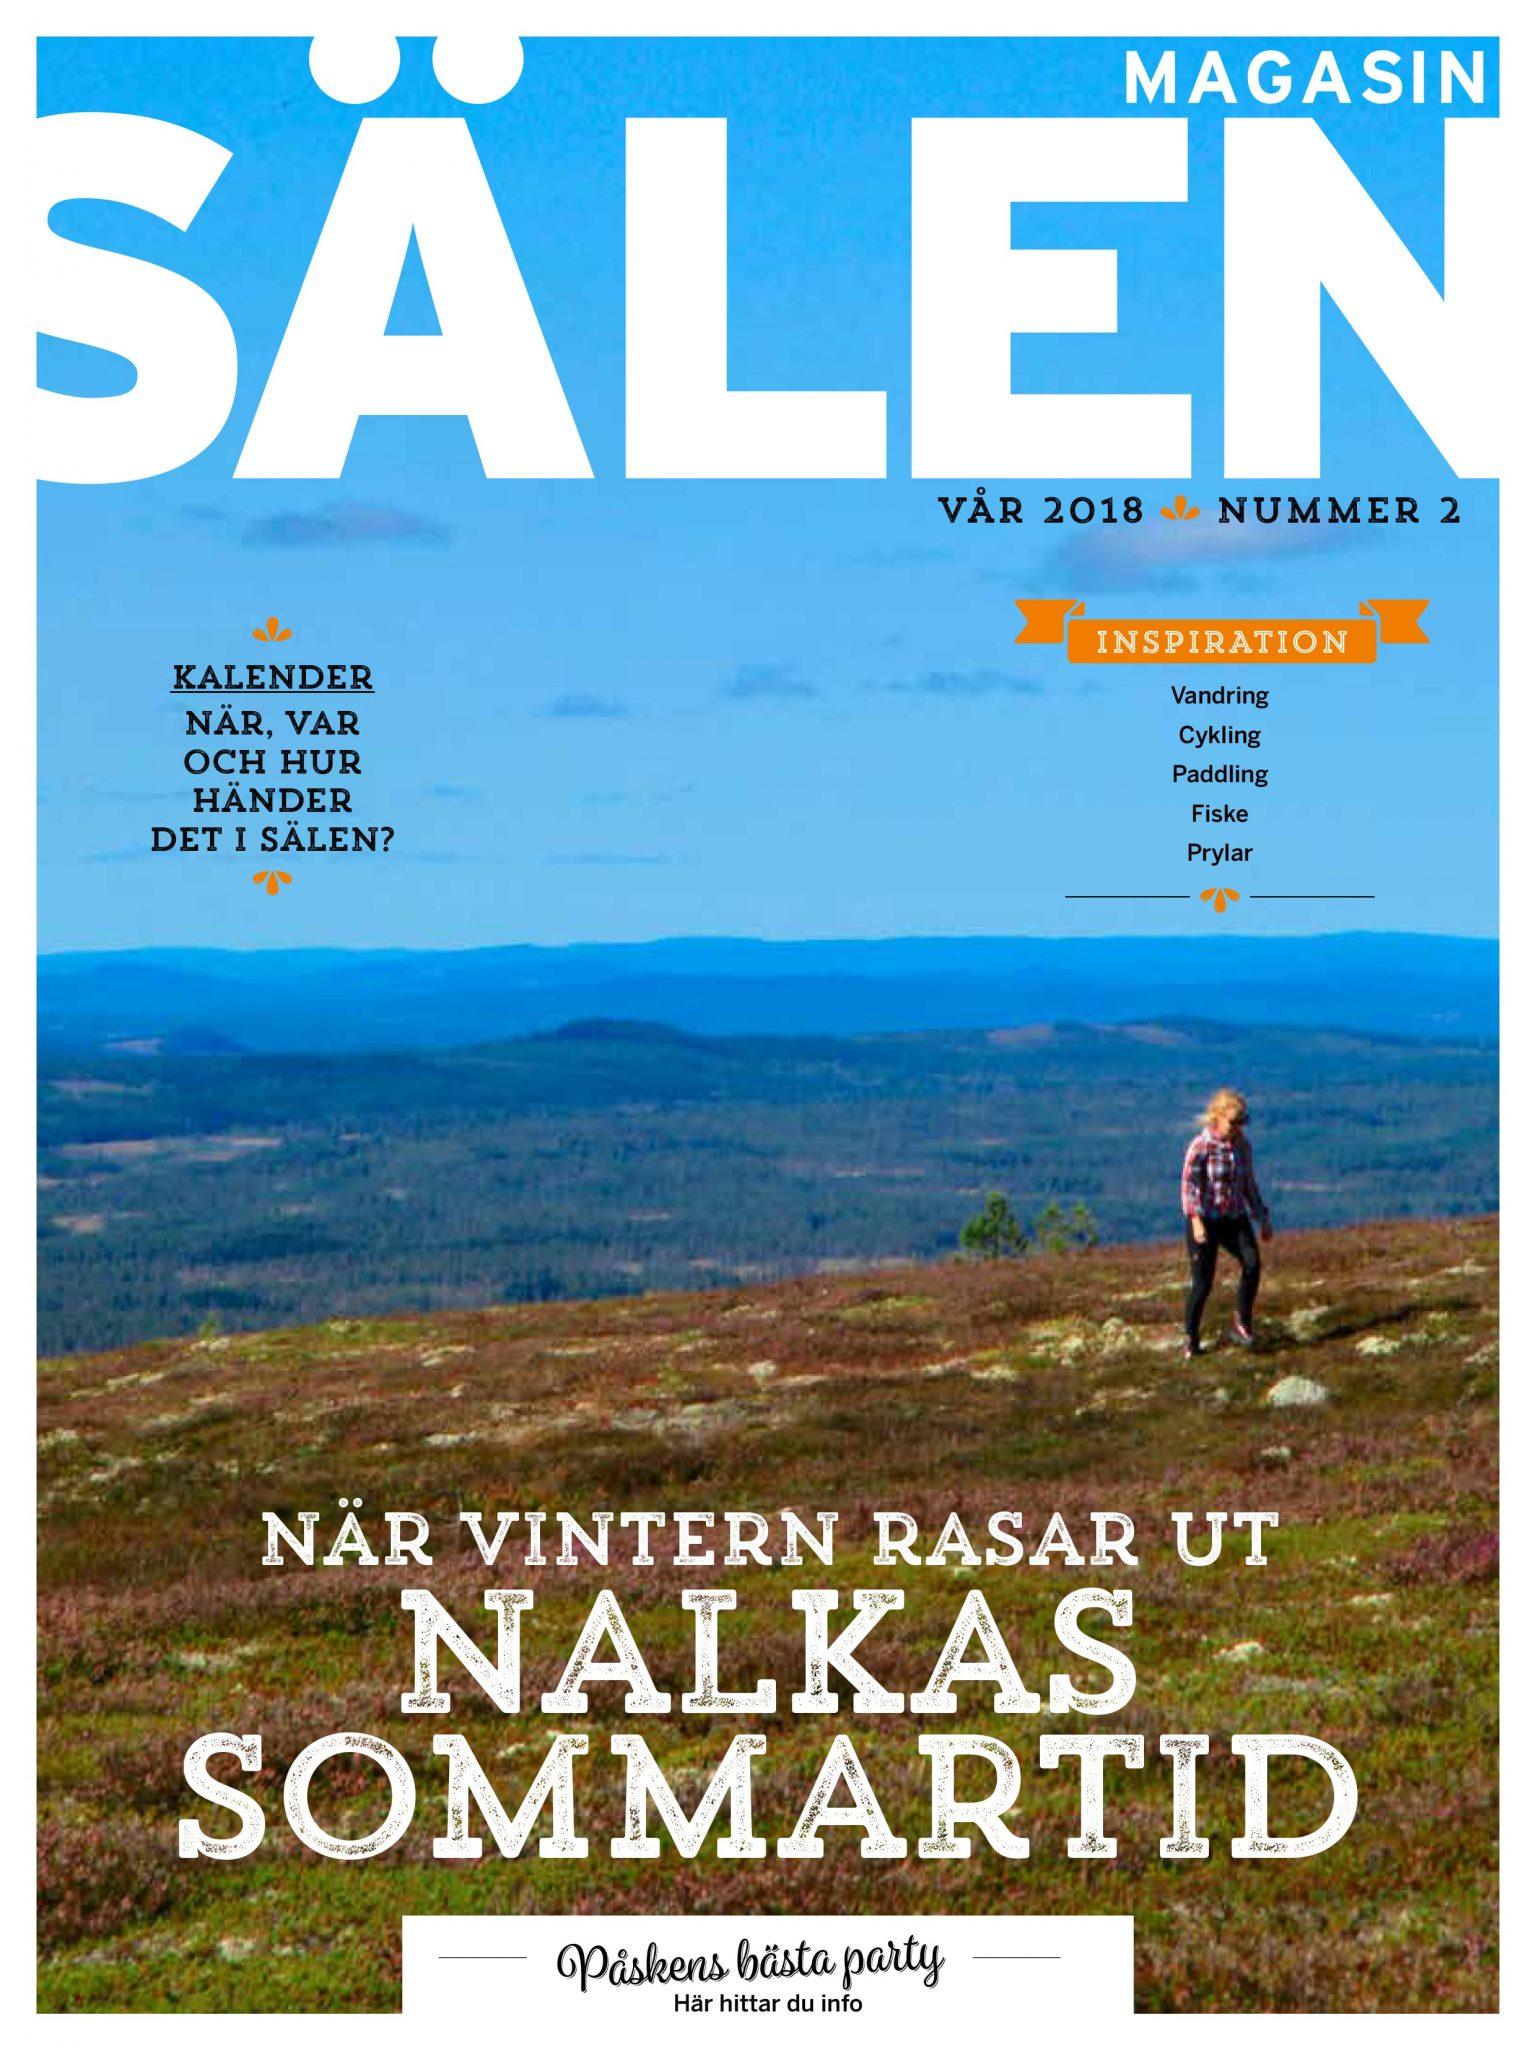 Vår nummer 2018 Magasin Sälen